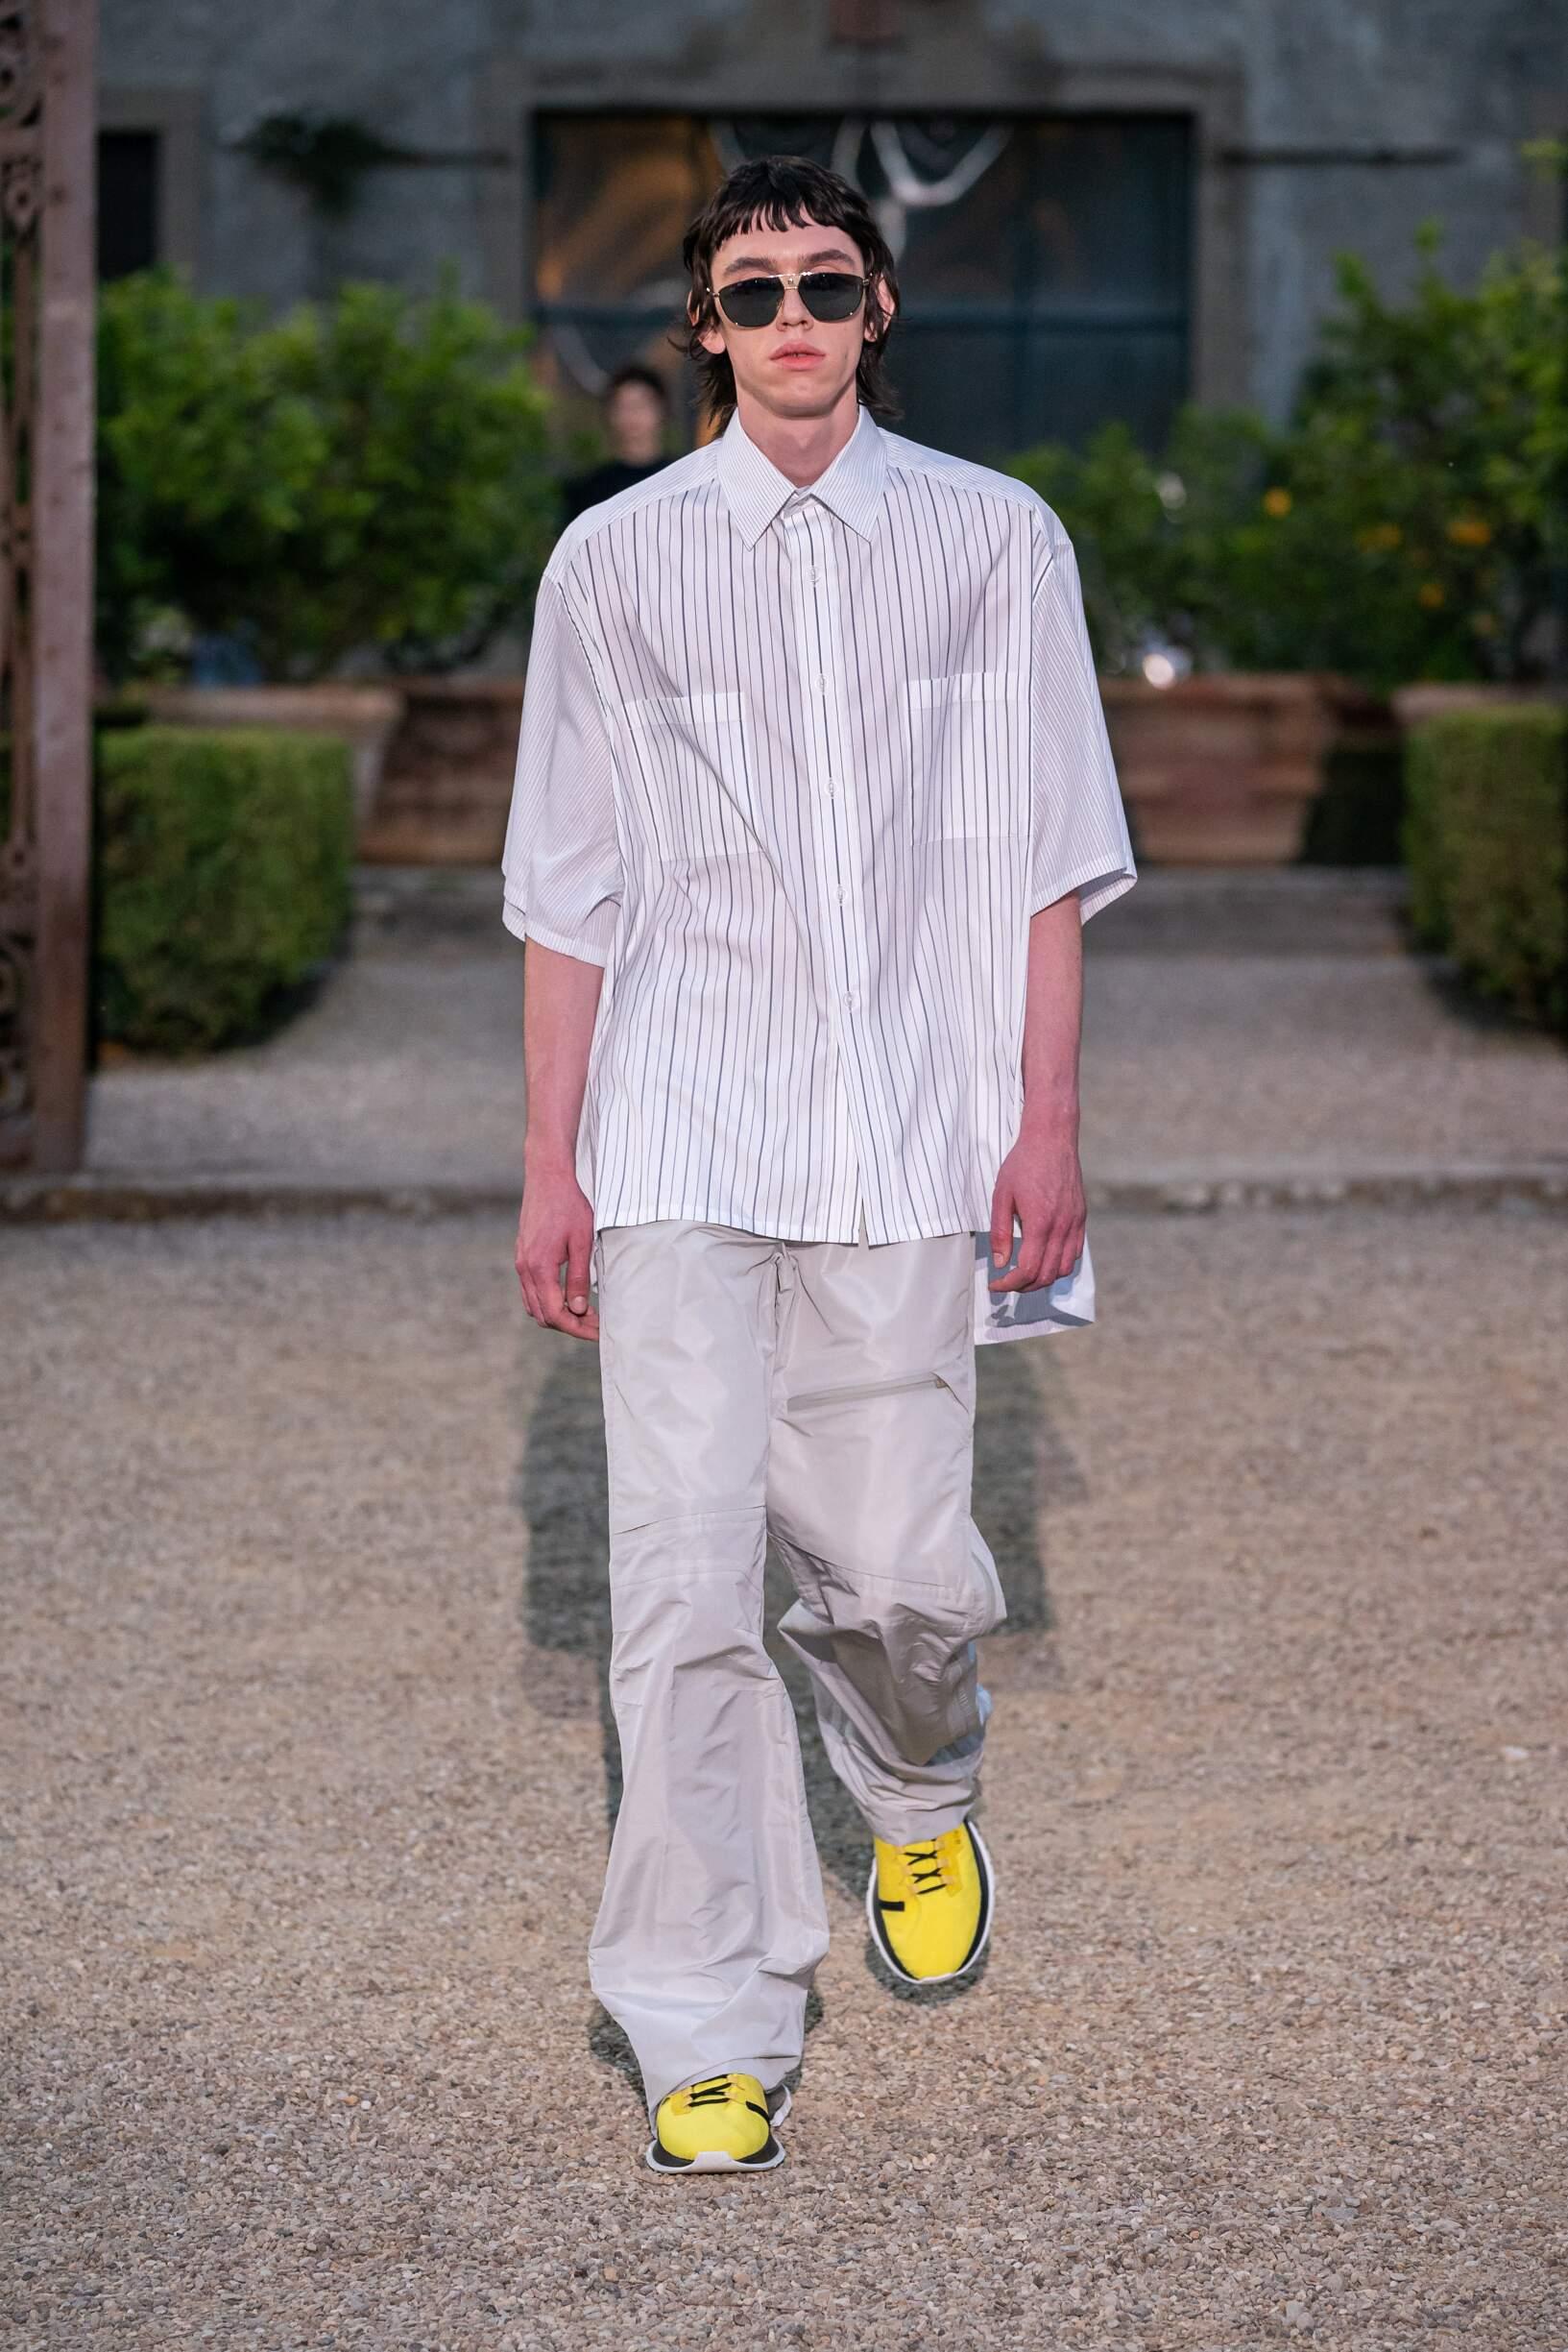 Givenchy Pitti Immagine Menswear